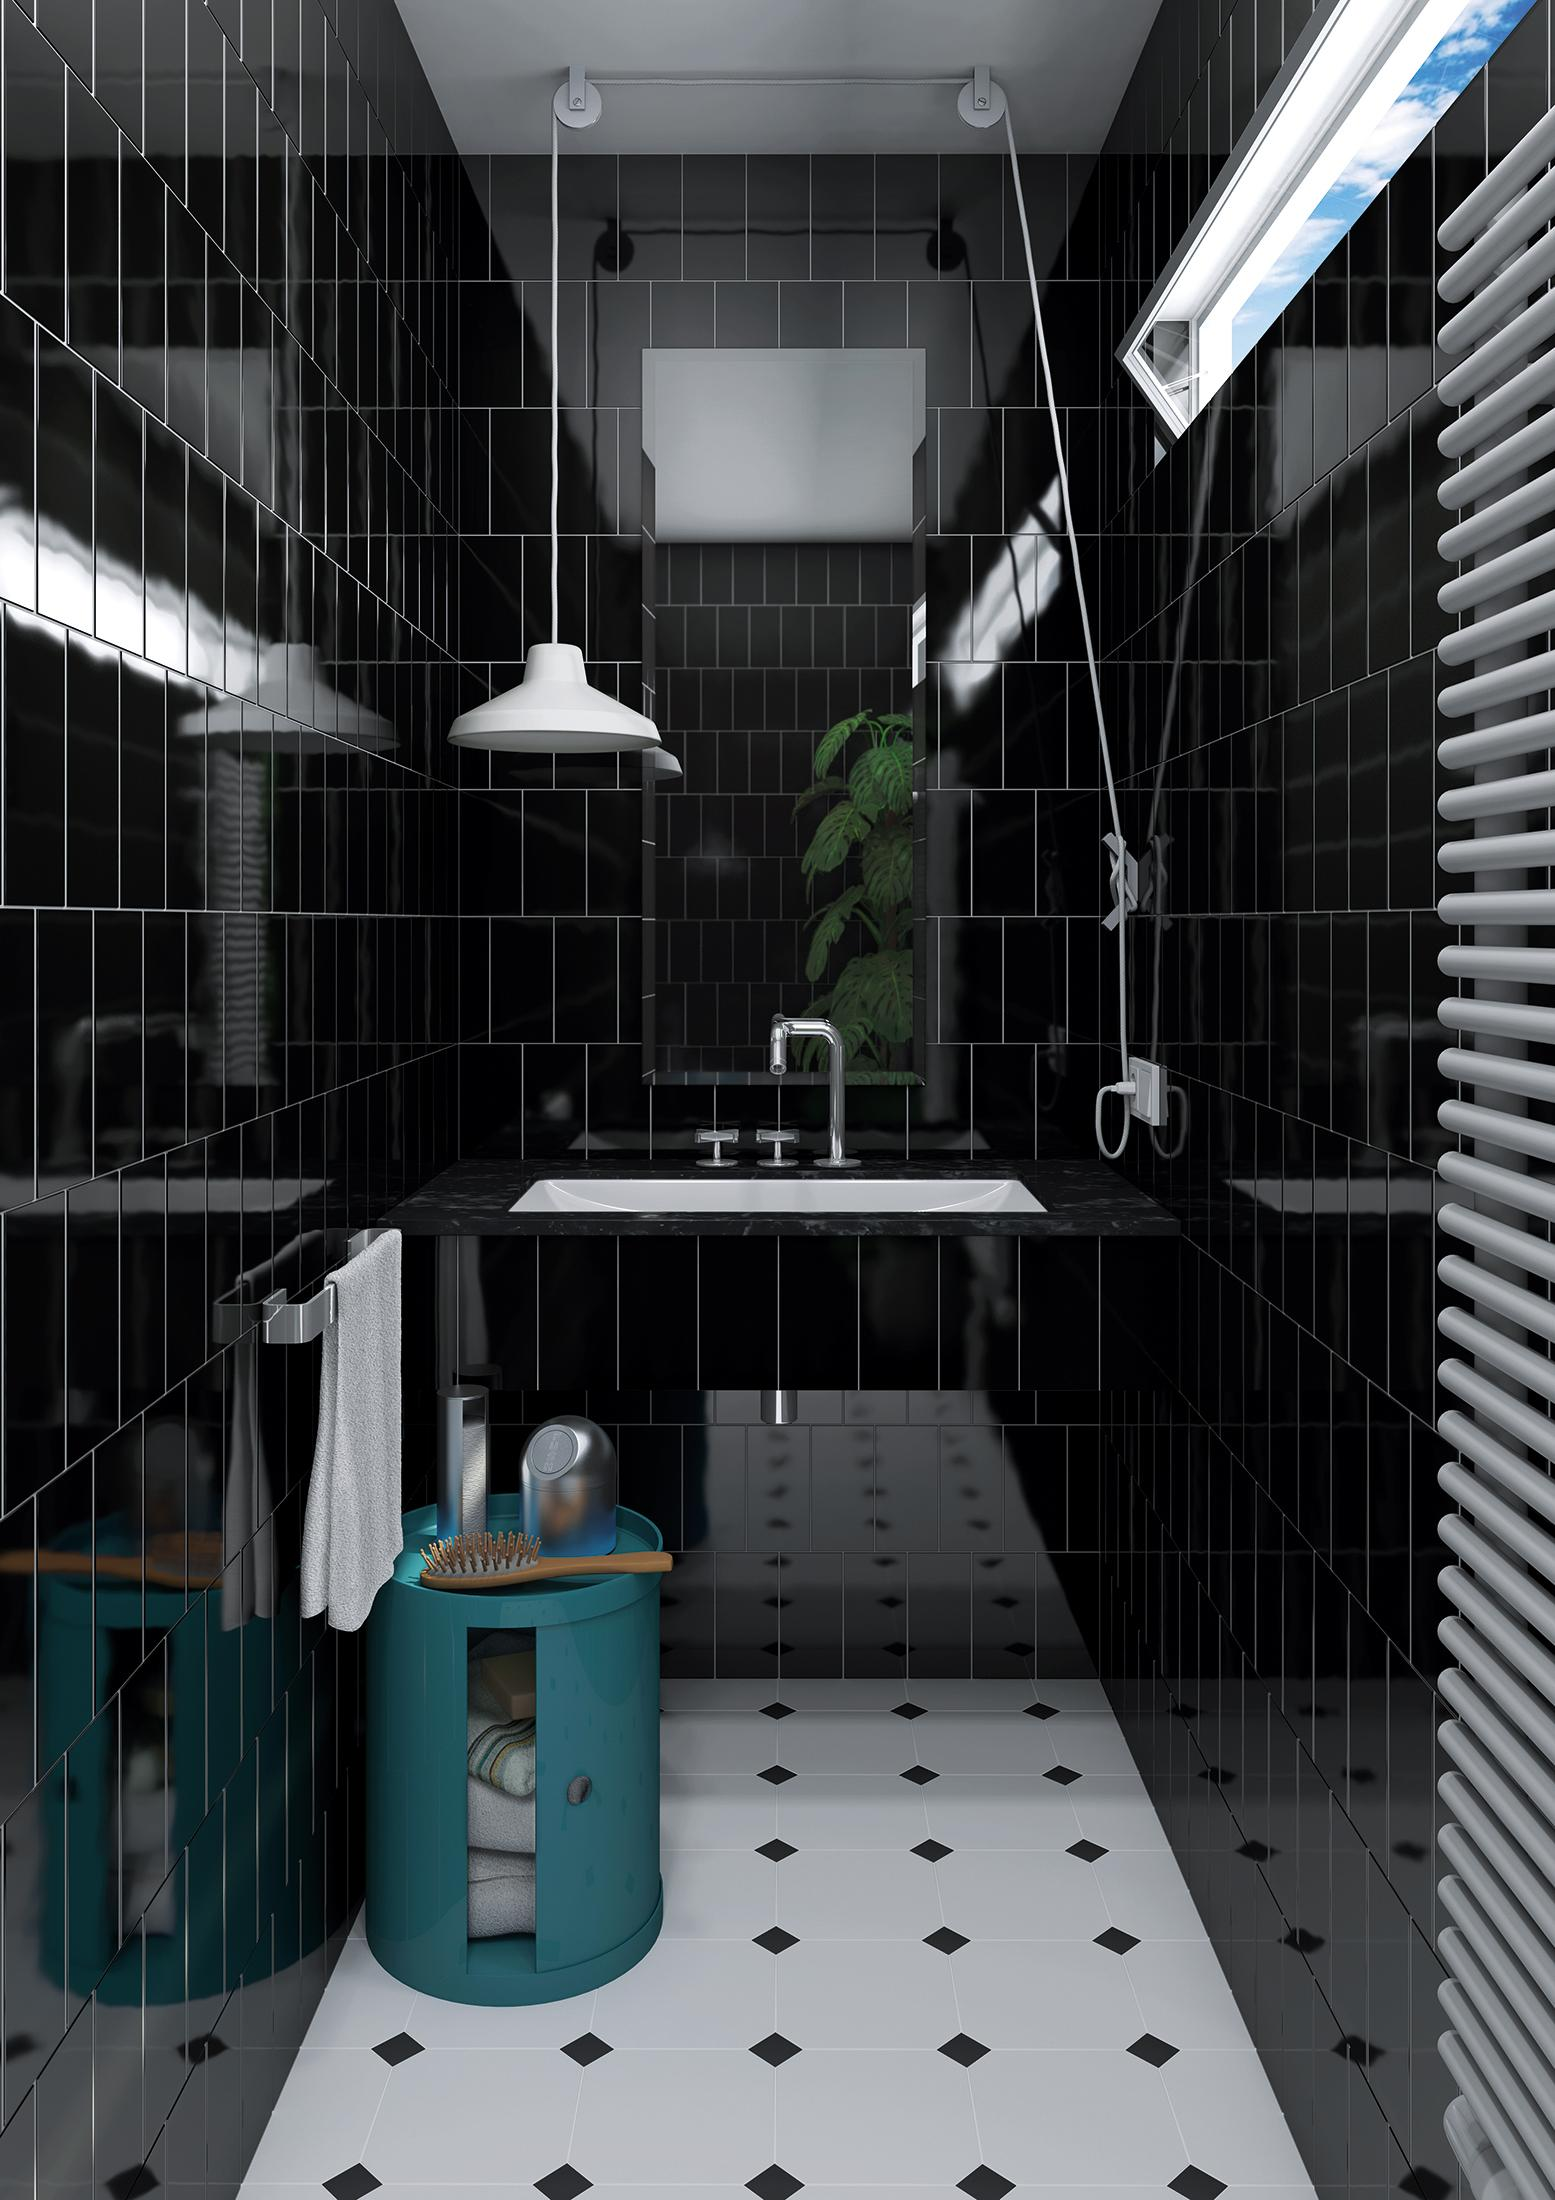 Badezimmer Mit Schwarzen Metro Fliesen #beistelltisch #waschtisch  #waschbecken #pendelleuchte #zimmergestaltung